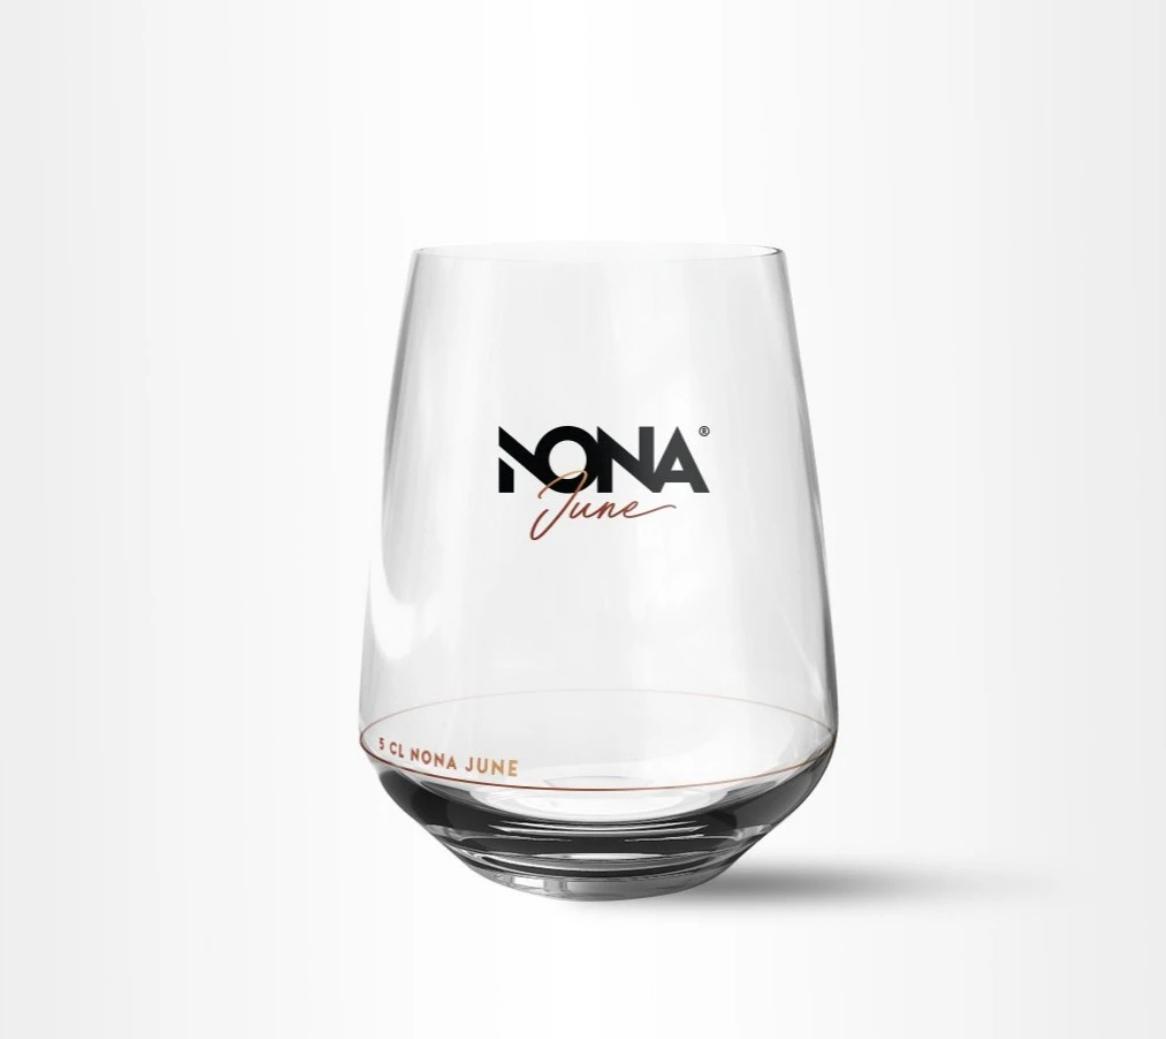 Nona Giftbox - NONA-3